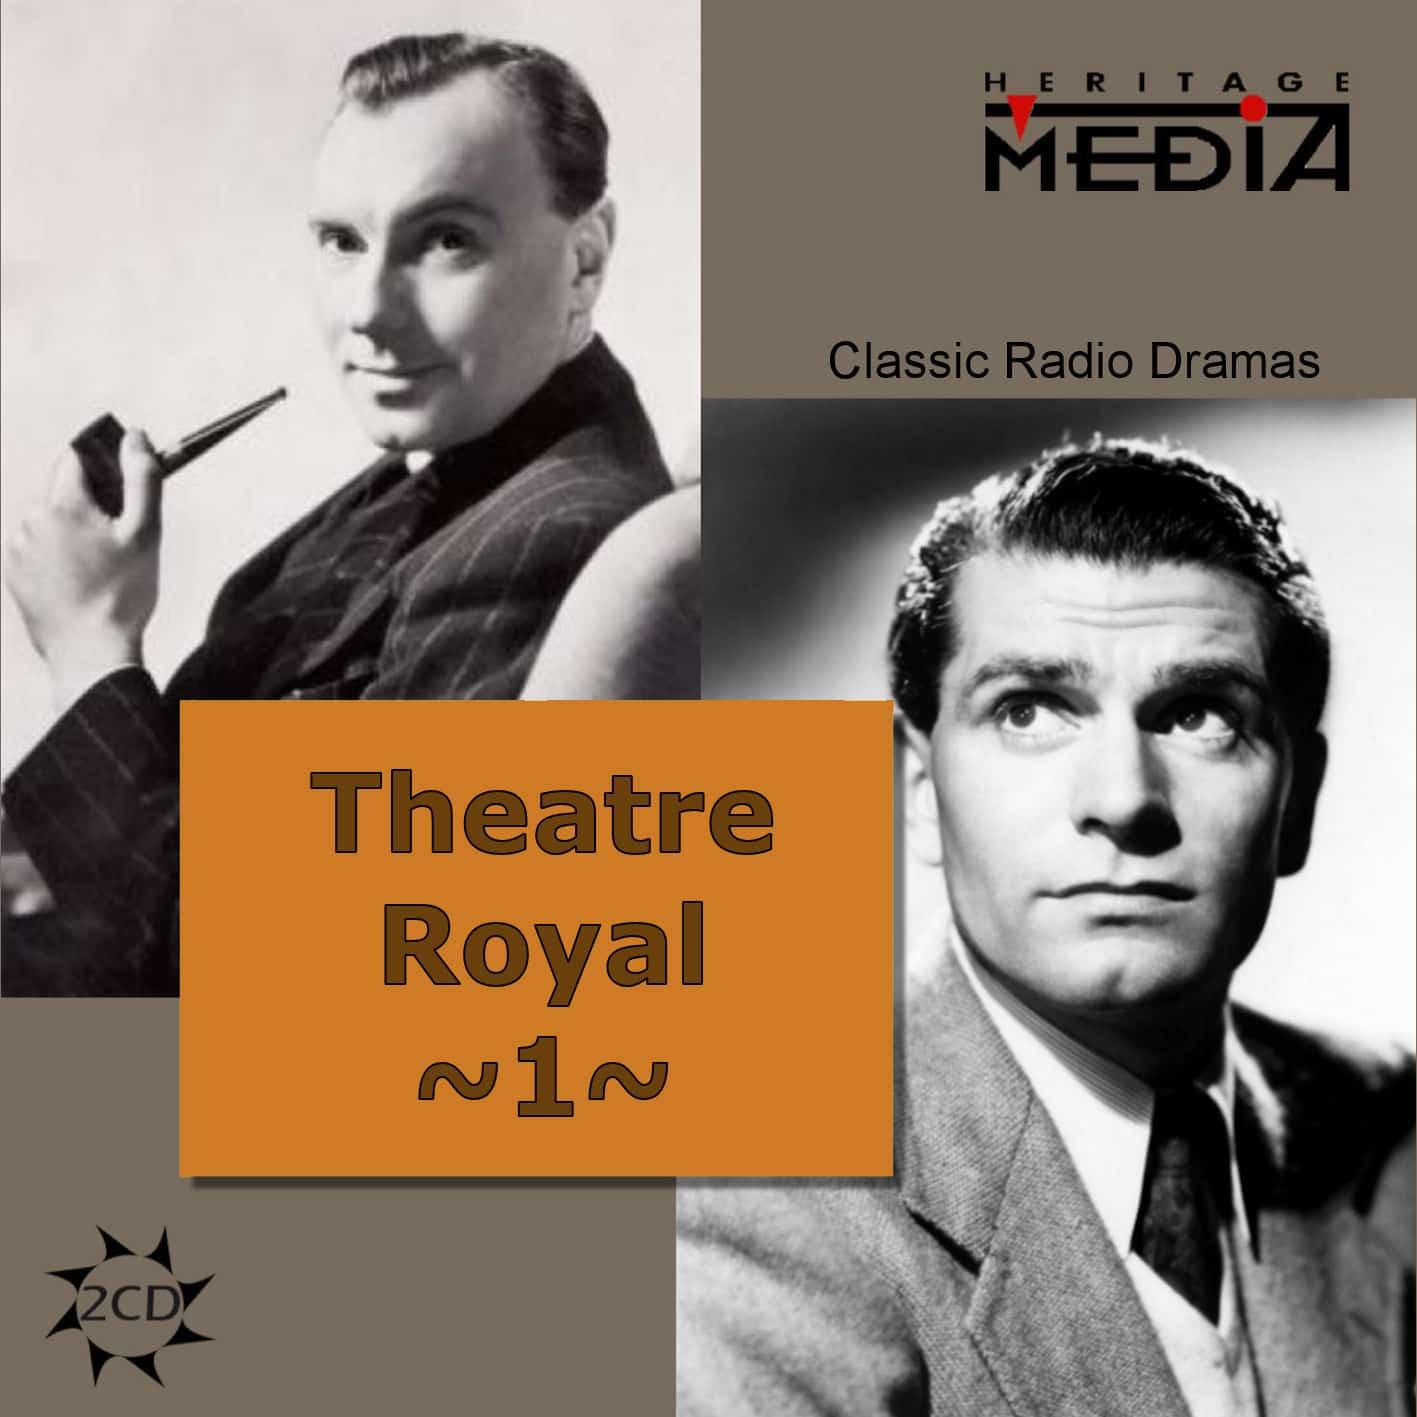 Theatre Royal vol. 1 - American Classics I (2CD)